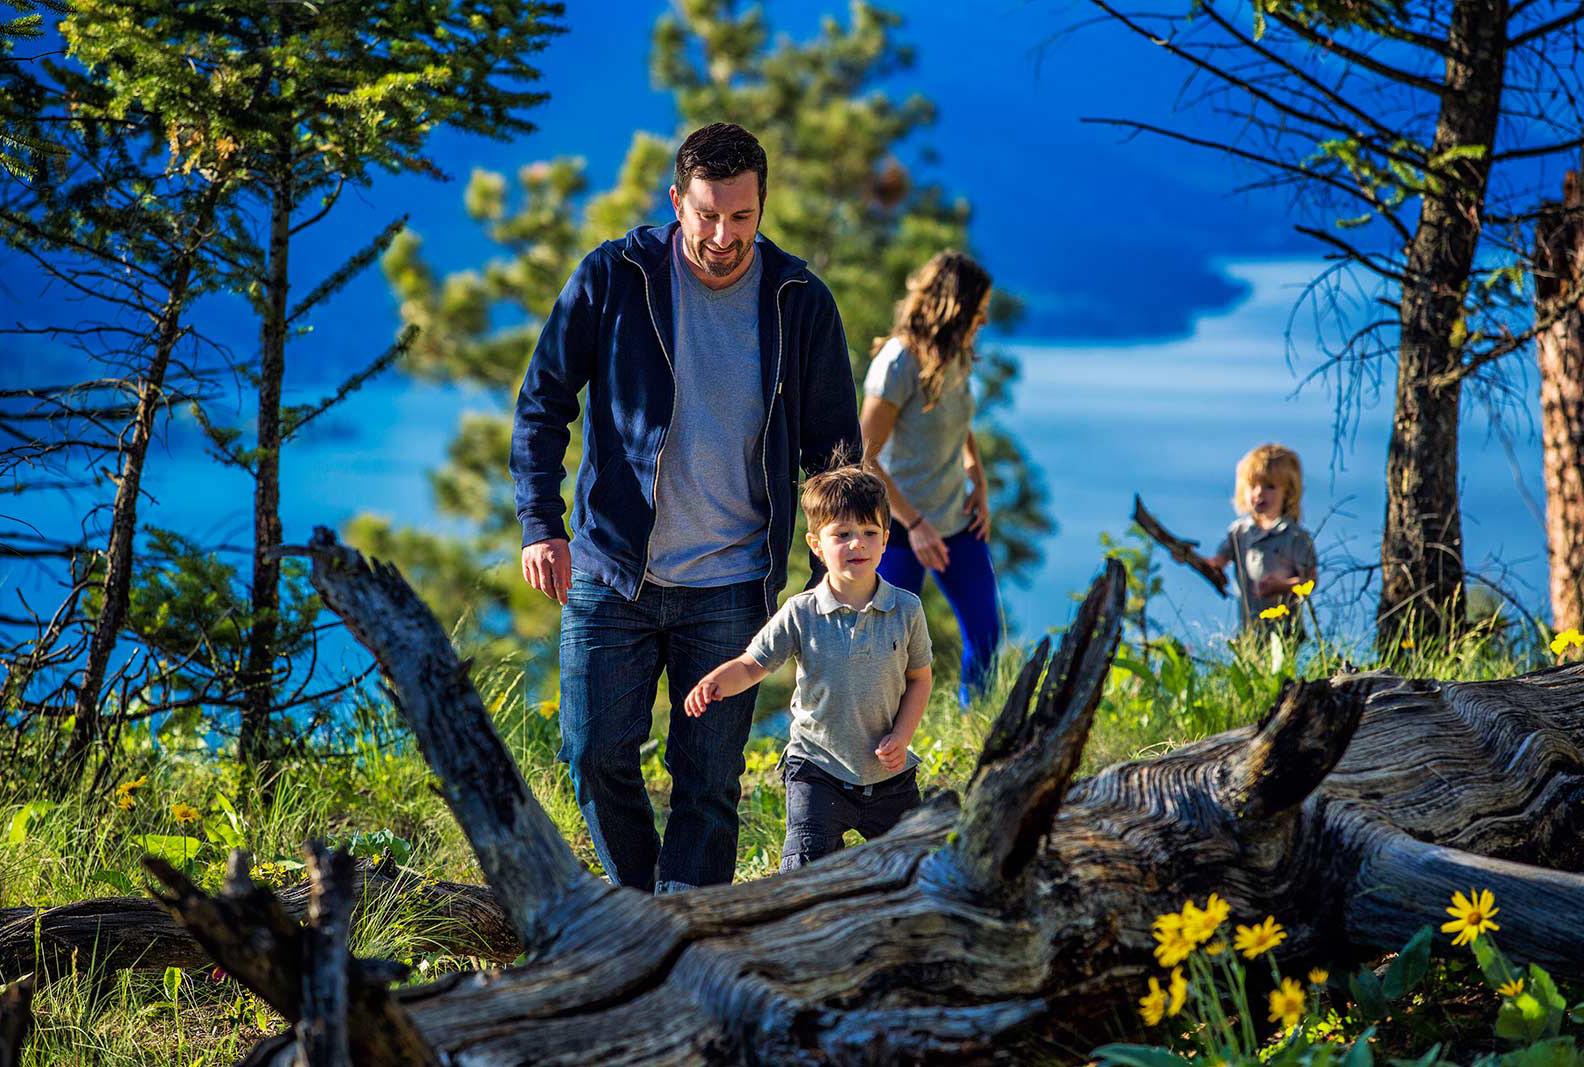 Wilden Family hike in Kelowna